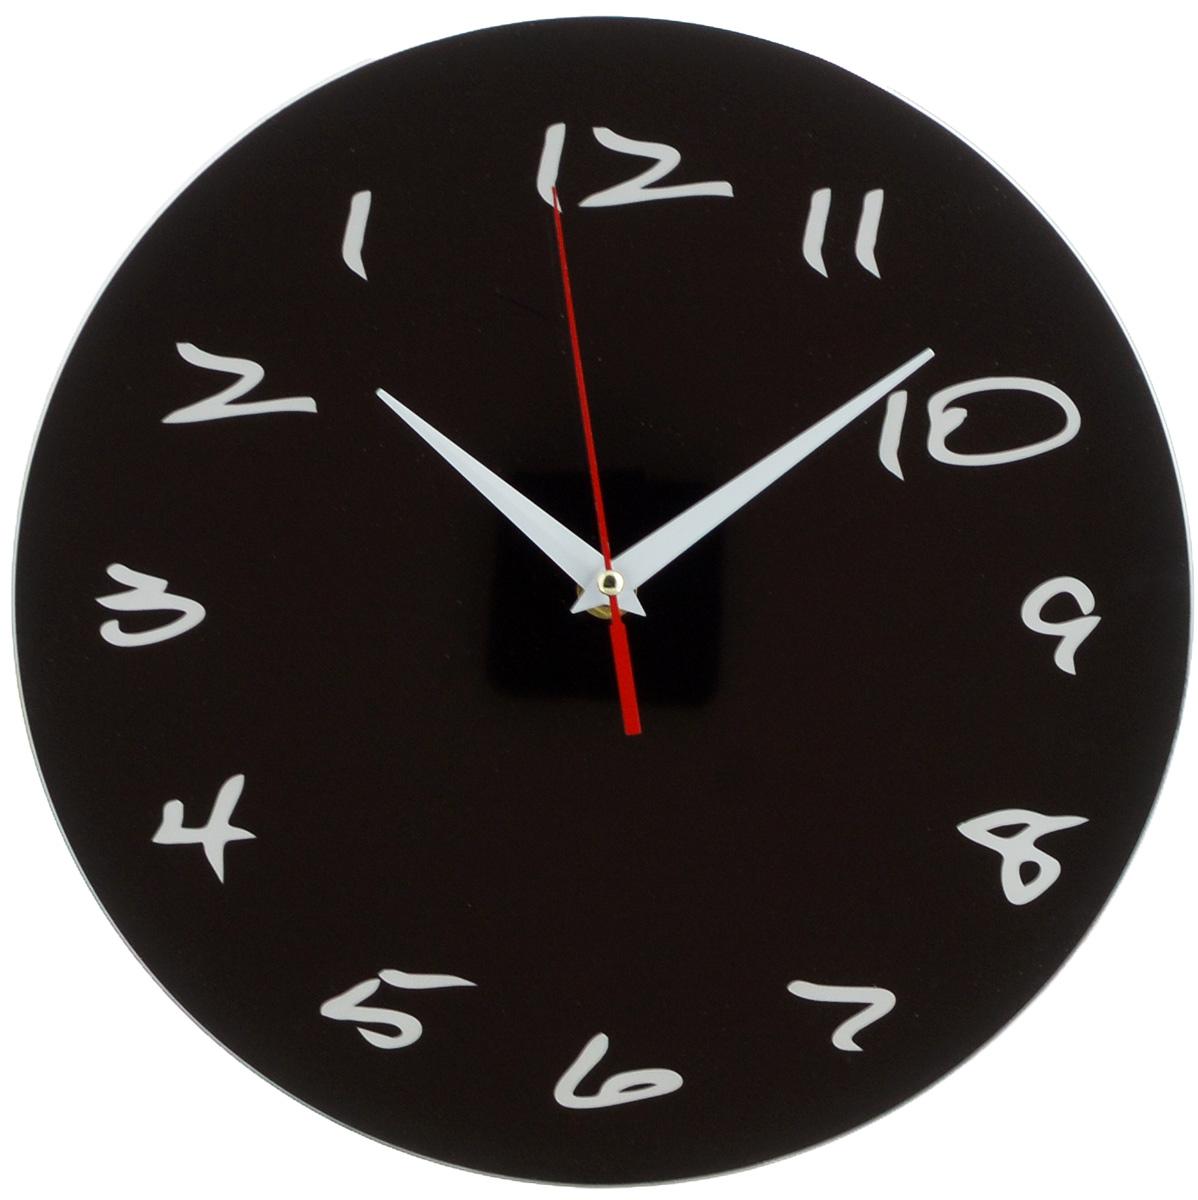 Часы настенные Эврика Античасы. Классика черная, диаметр 28 см96616Оригинальные настенные часы Эврика Античасы. Классика черная круглой формы выполнены из стекла. Часы имеют три стрелки - часовую, минутную и секундную и циферблат с цифрами. Необычное дизайнерское решение и качество исполнения придутся по вкусу каждому. Античасы. Классика черная - это не обычные часы, а часы с обратным ходом.Часы работают от 1 батарейки типа АА напряжением 1,5 В.